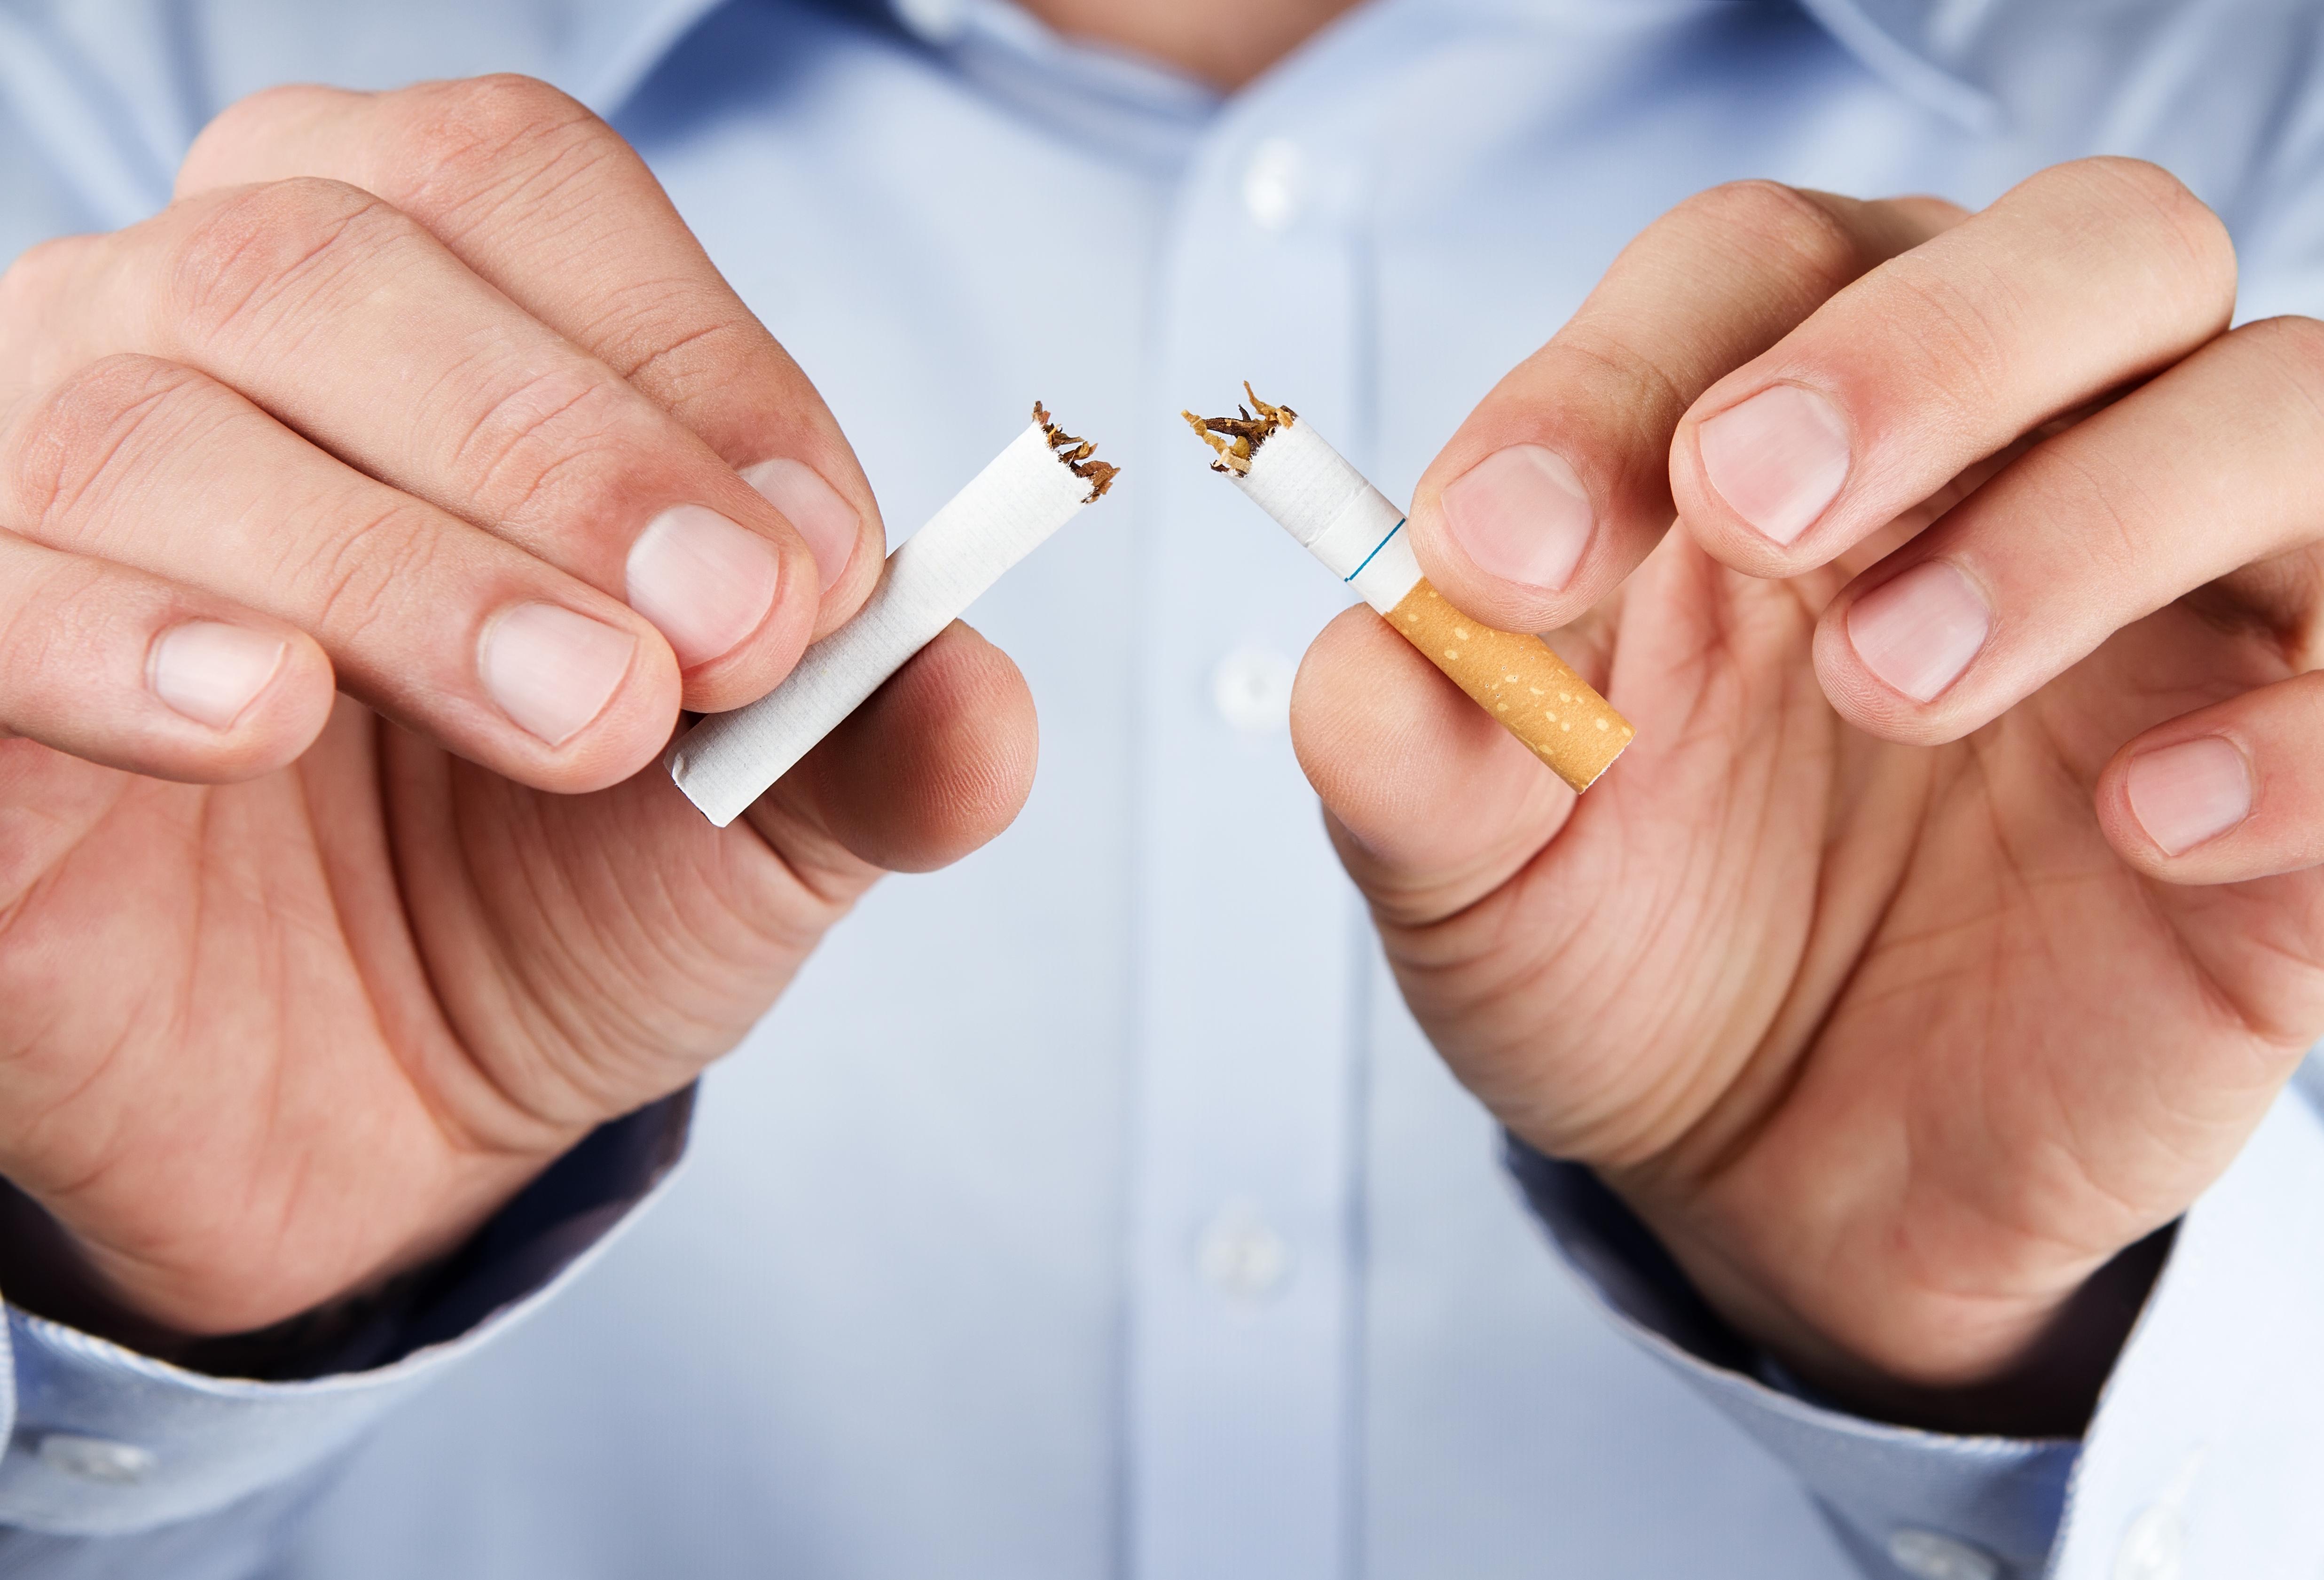 Beroendeexpert Karl-Olov Fagerström ger 3 viktiga tips kring vad man ska tänka på när man bestämt sig för att sluta röka